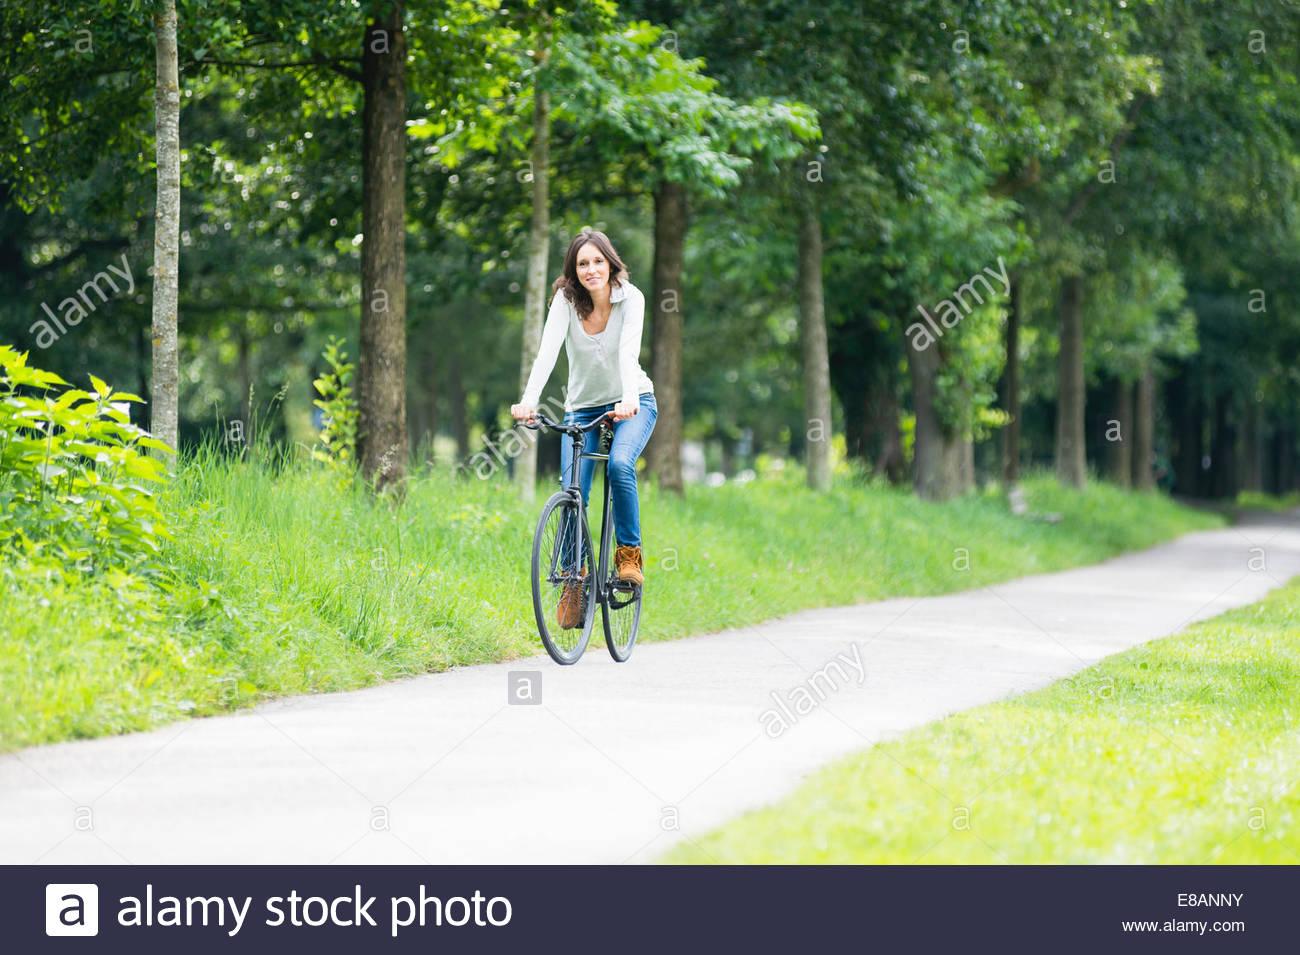 Mid adult woman cycling sur sentier du parc Photo Stock